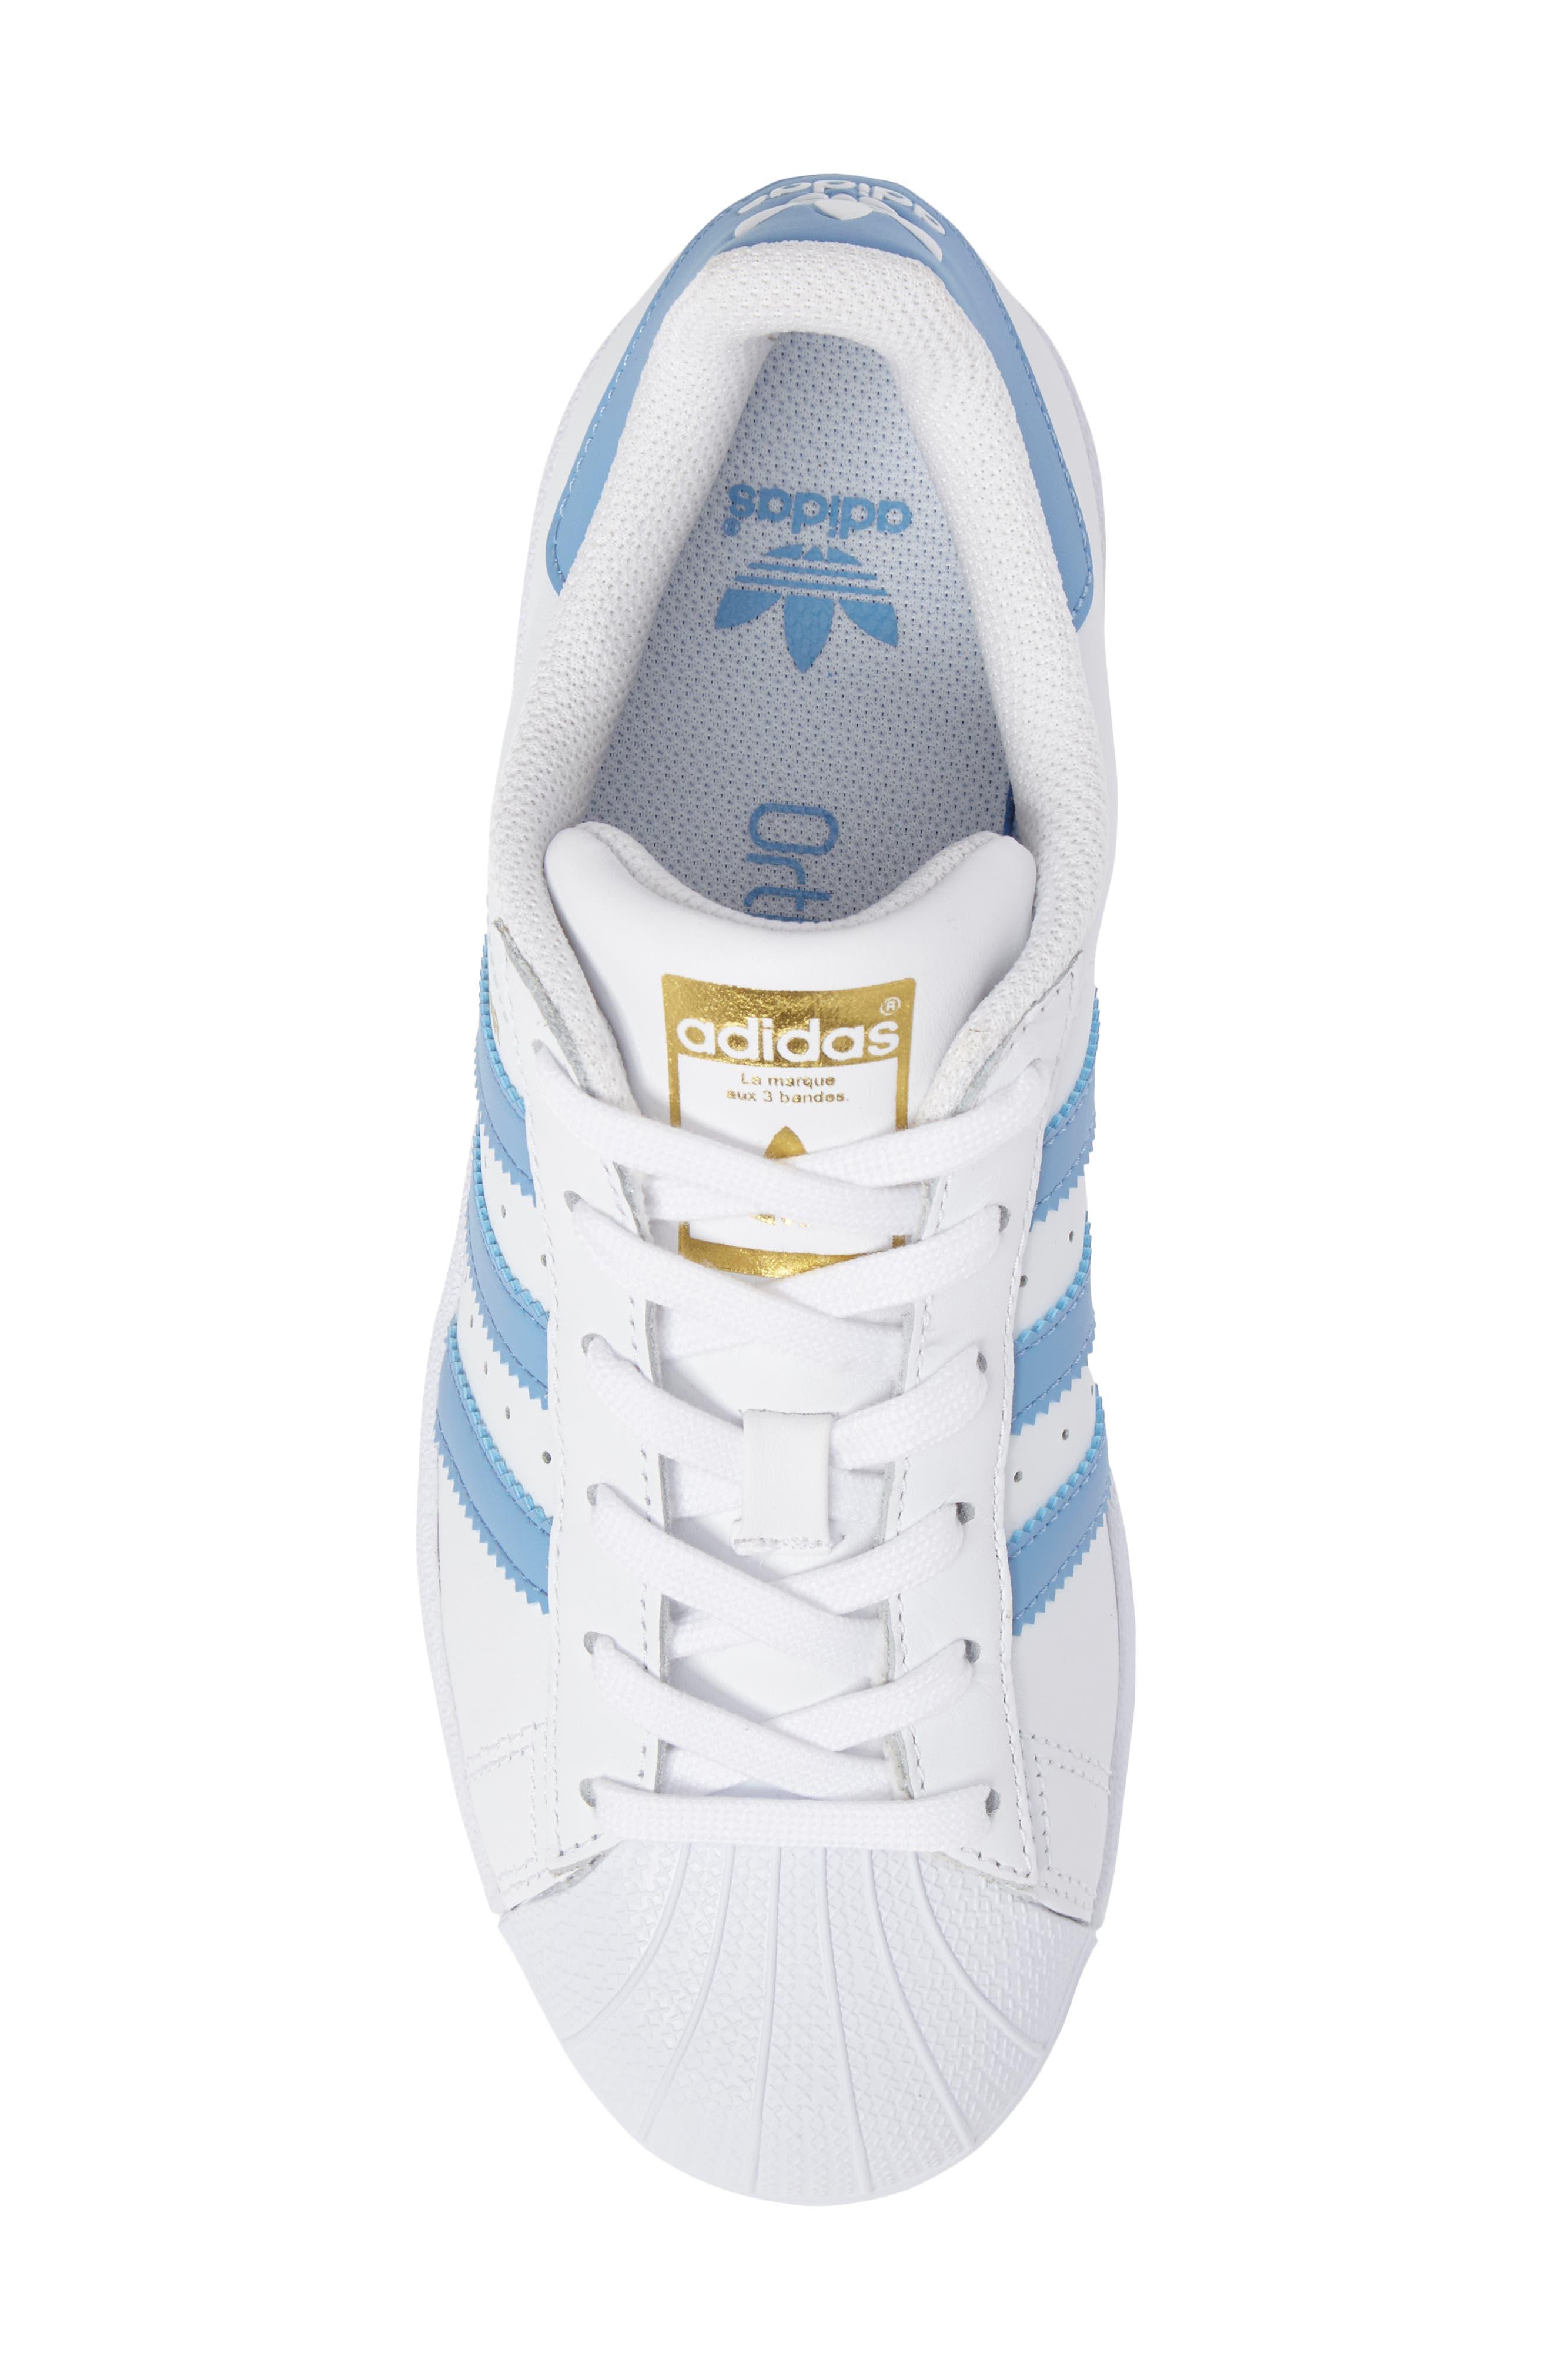 Superstar Foundation Sneaker,                             Alternate thumbnail 5, color,                             White/ Light Blue/ Gold